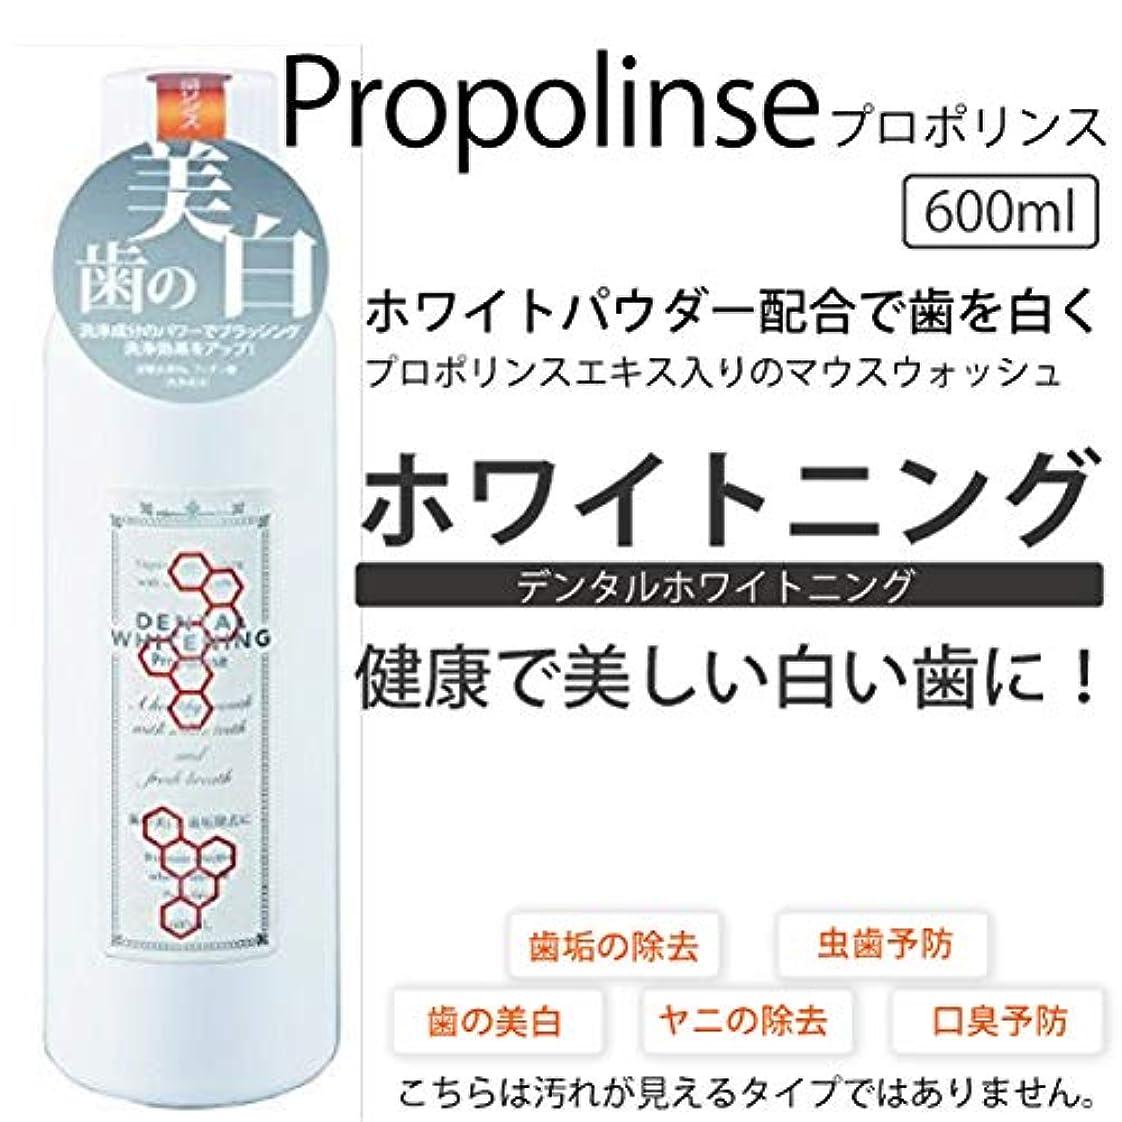 狂気与える幸運なプロポリンス マウスウォッシュ デンタルホワイトニング (ホワイトパウダー配合で歯を白く) 600ml [30本セット] 口臭対策